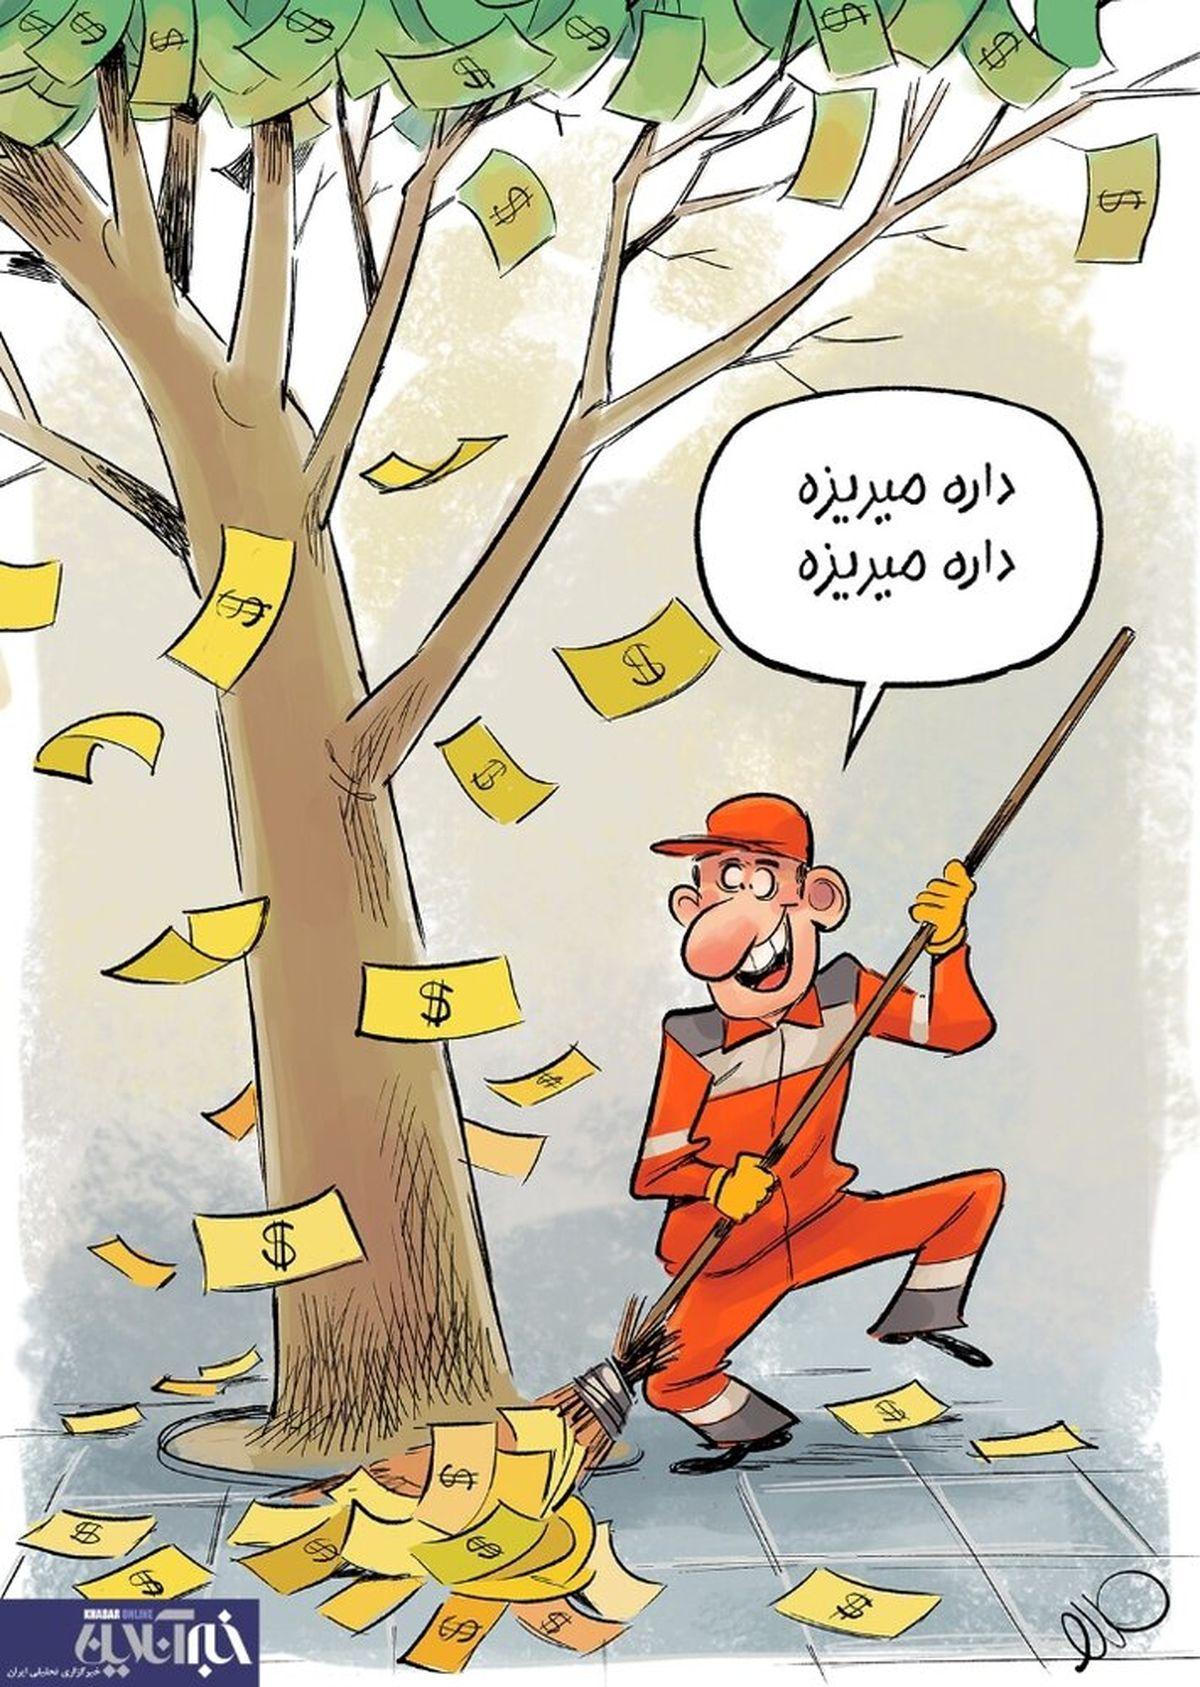 ریزش دلار بر سر مردم! +کاریکاتور